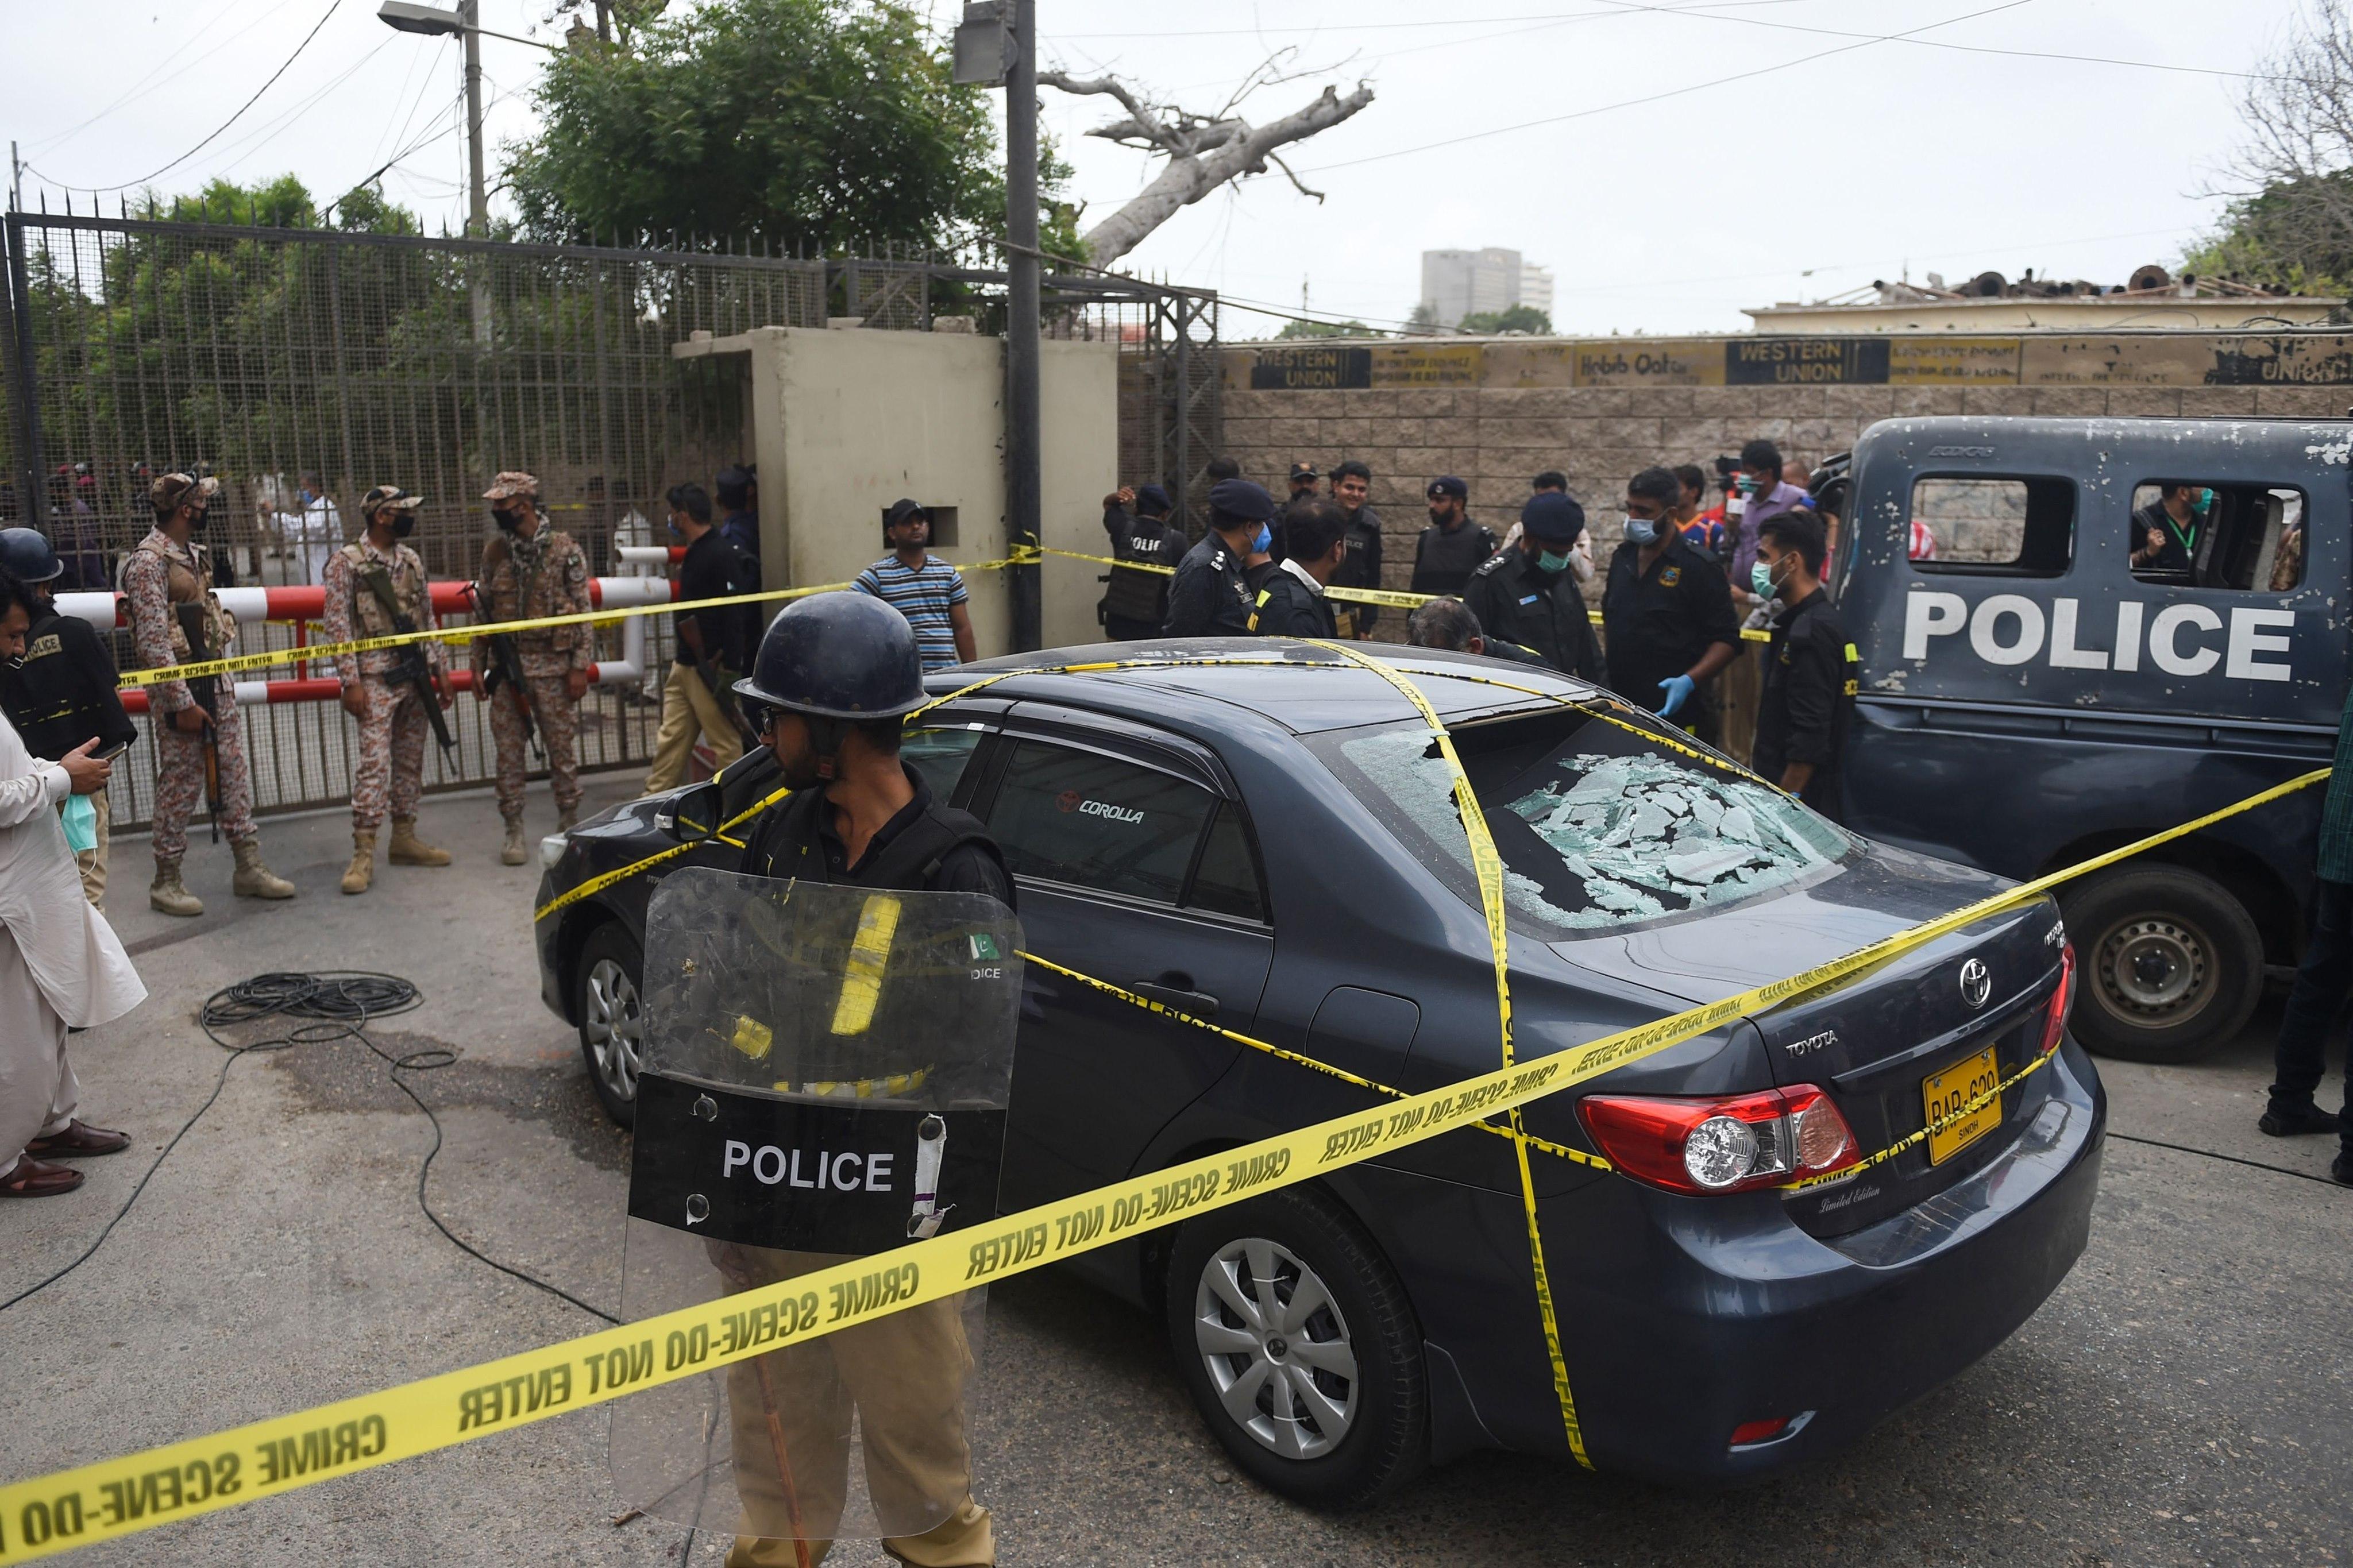 VIDEO. Atac terorist în Pakistan. Bursa din Karachi, atacată cu puști de asalt și grenade. Teroriștii au fost uciși